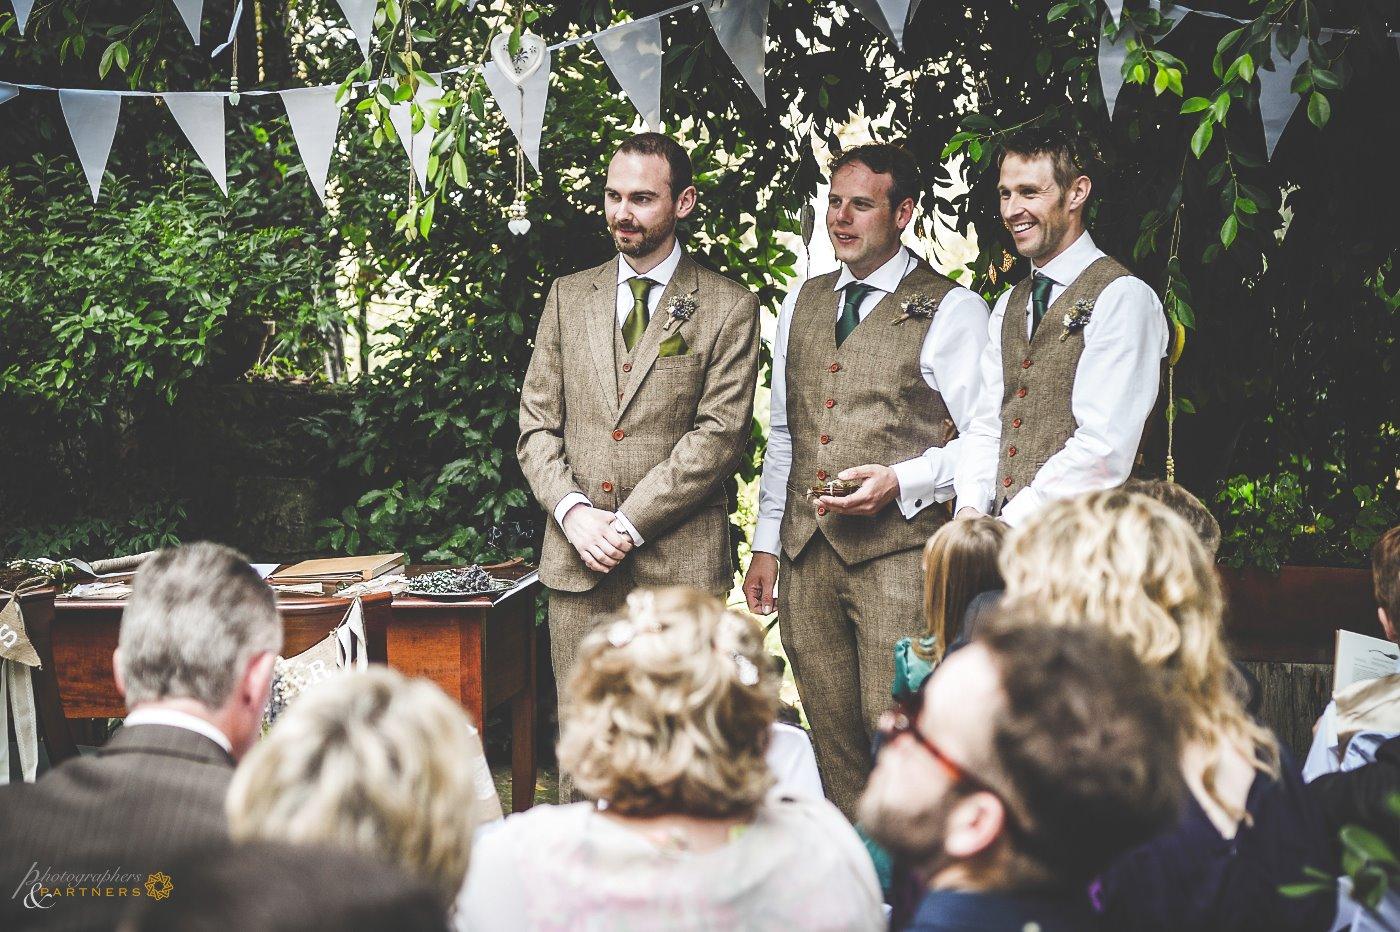 photography_weddings_sorrento_06.jpg